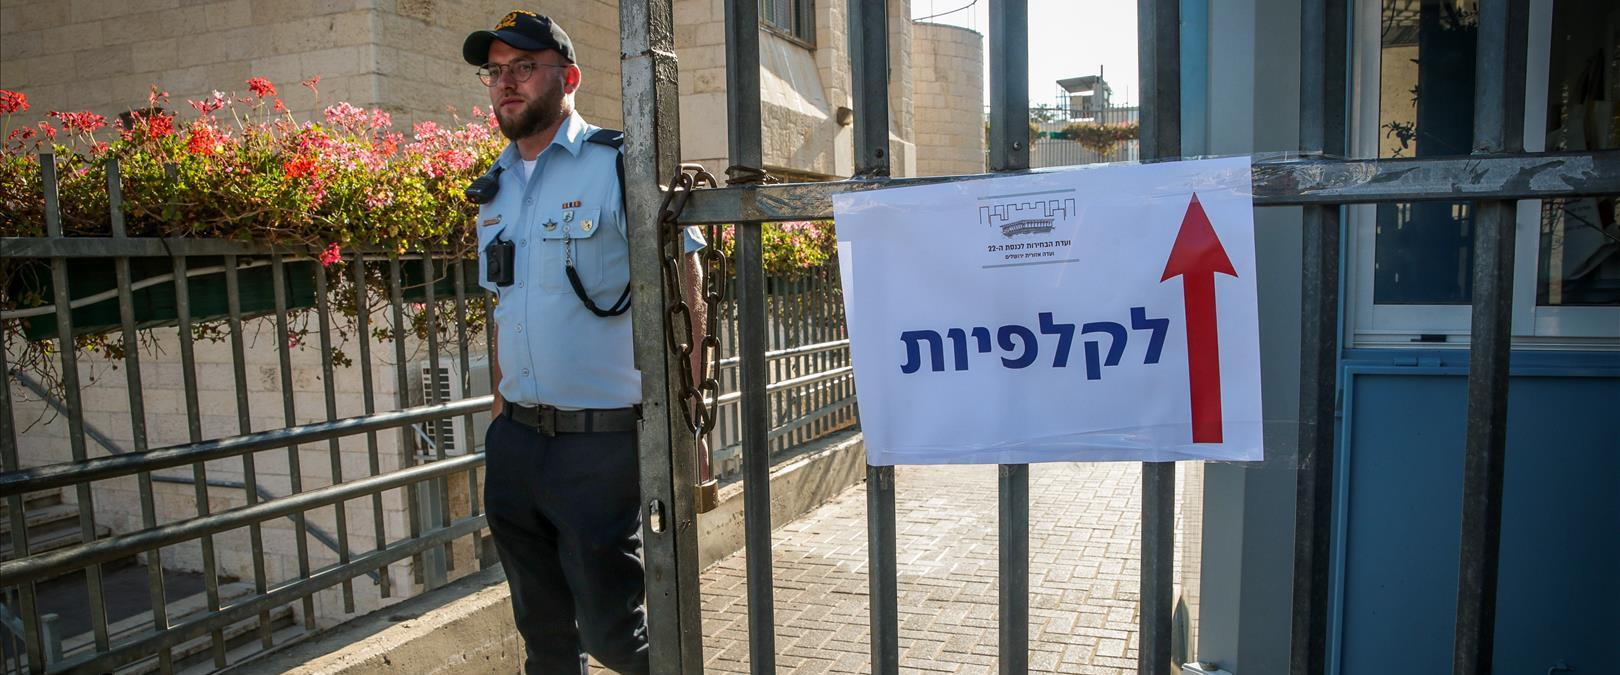 שוטר בקלפי בירושלים ב-2019